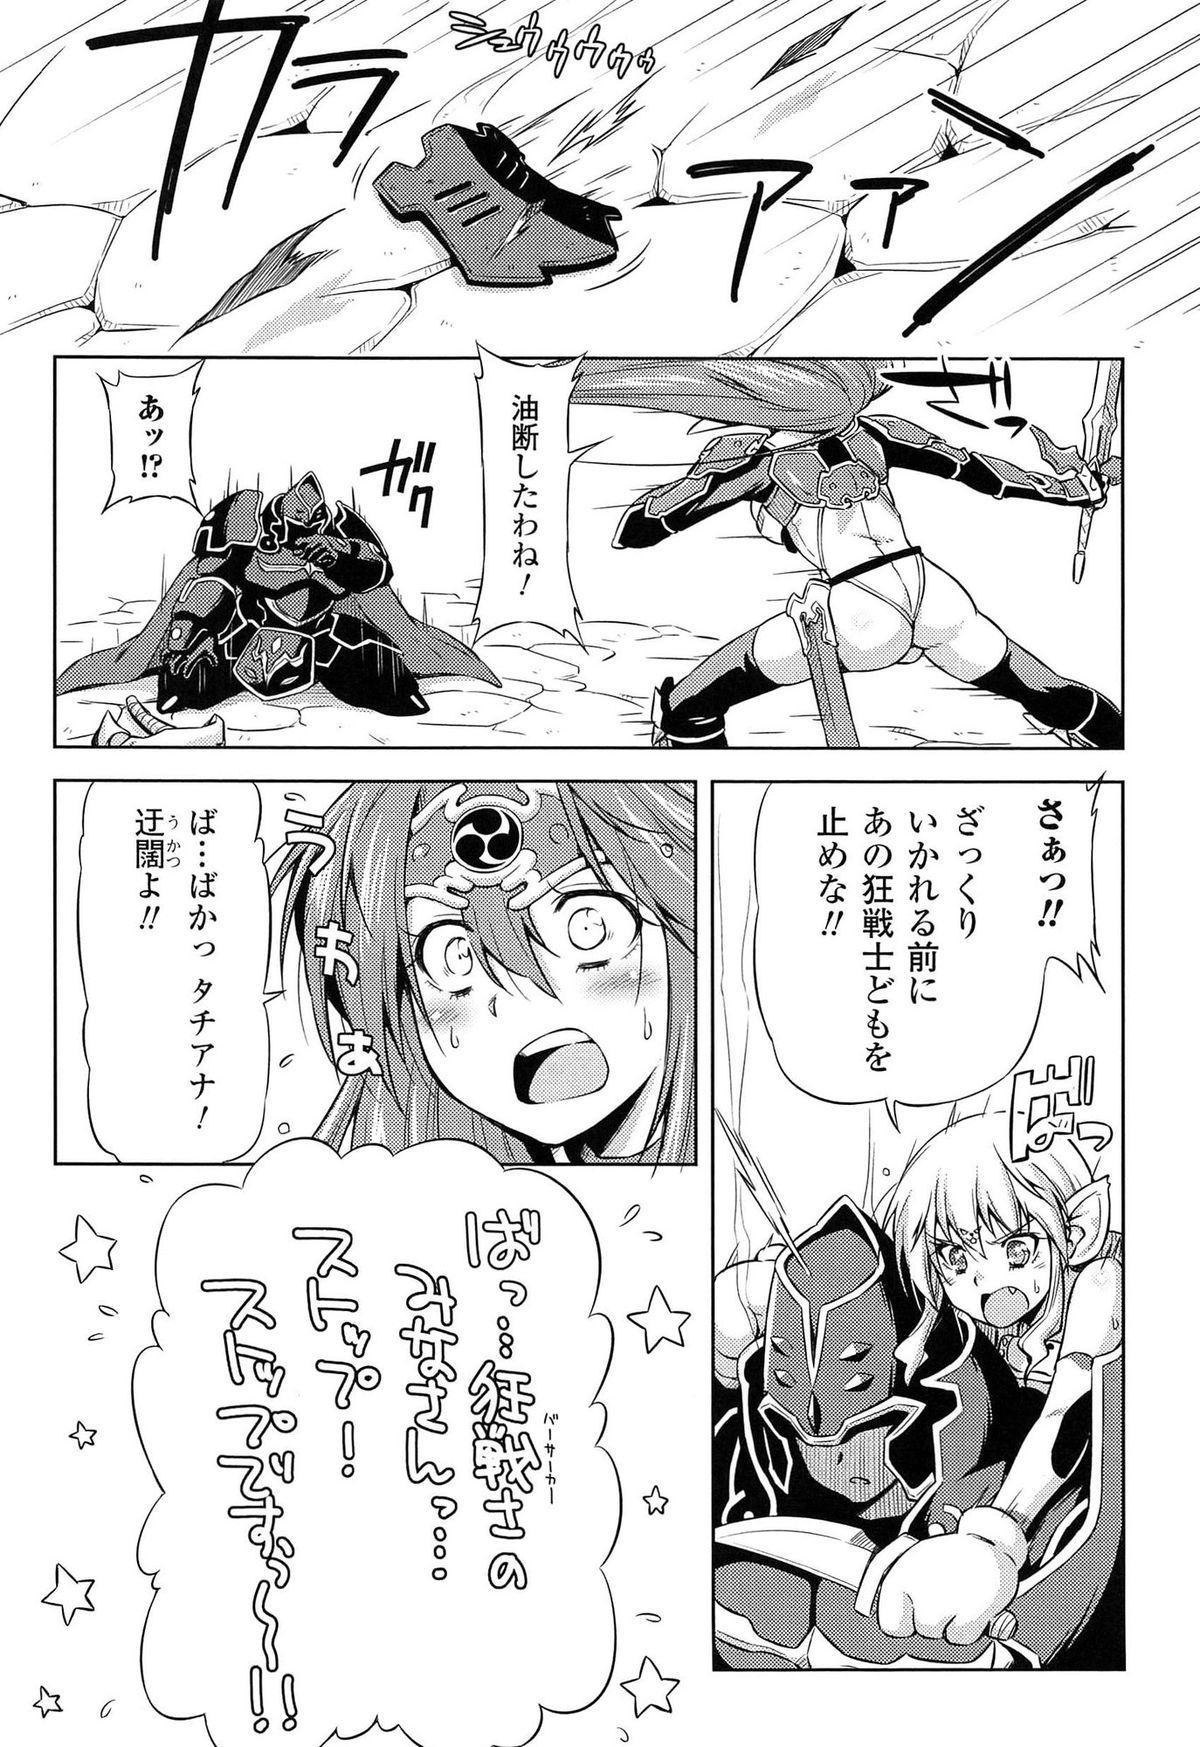 [kazuma muramasa, ZyX] Ikazuchi no Senshi Raidy ~Haja no Raikou~ THE COMIC 169